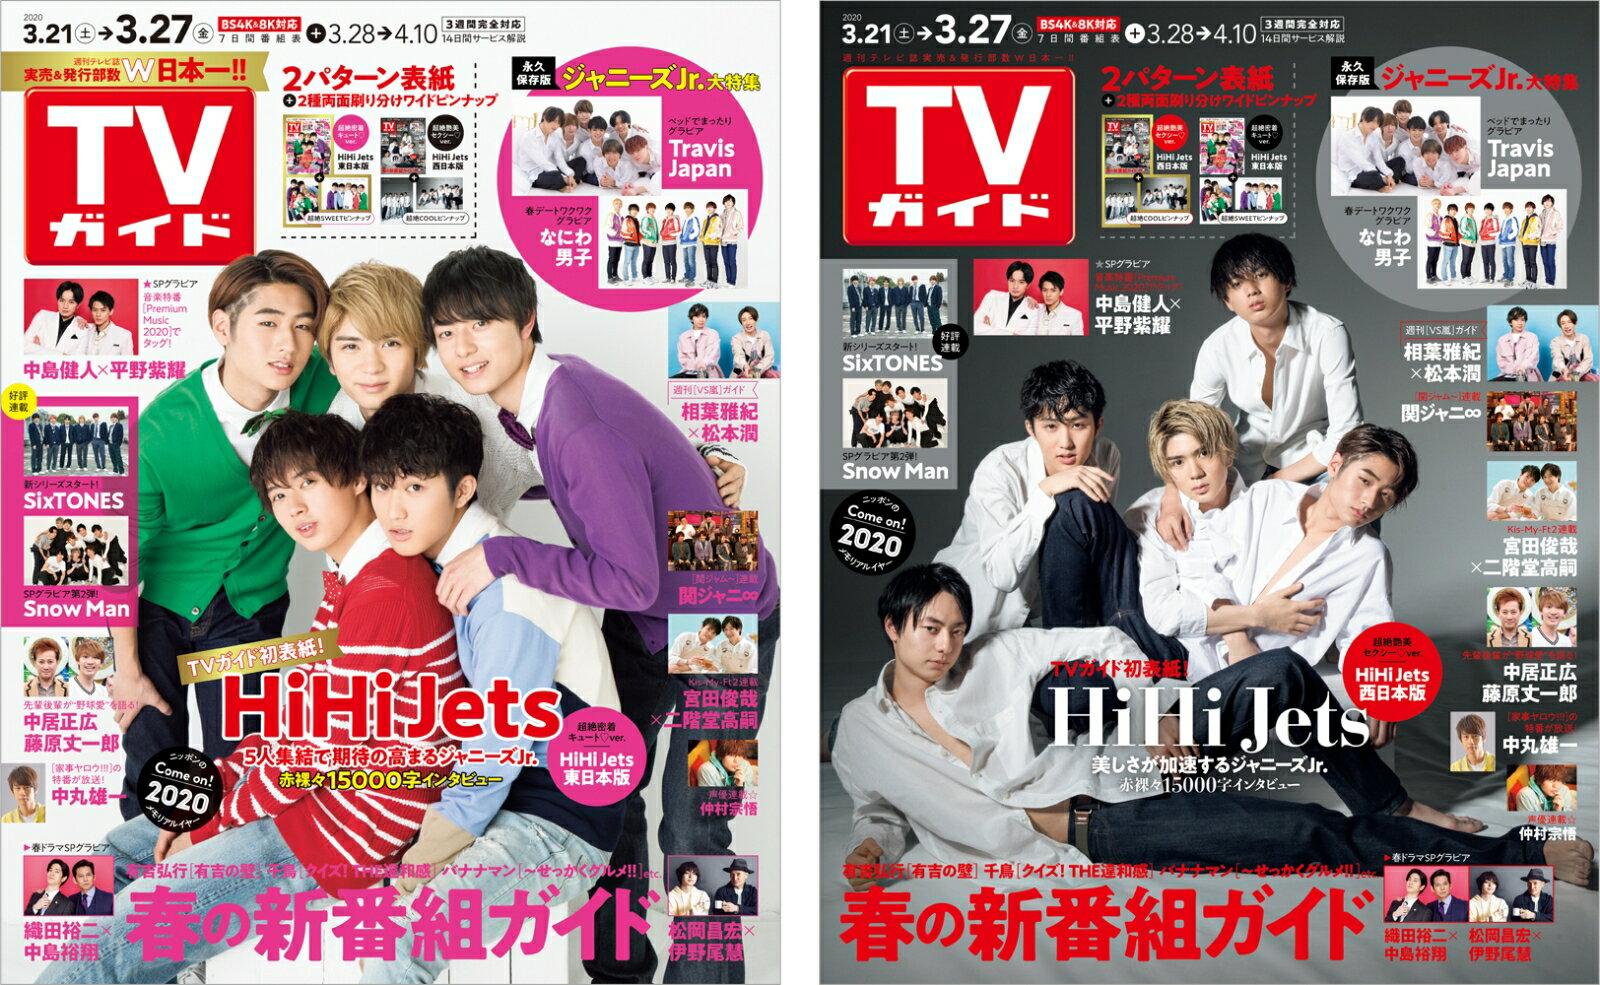 TVガイド 2020年 3/27号 HiHi Jets全国2パターン刷り分け号セット[雑誌]